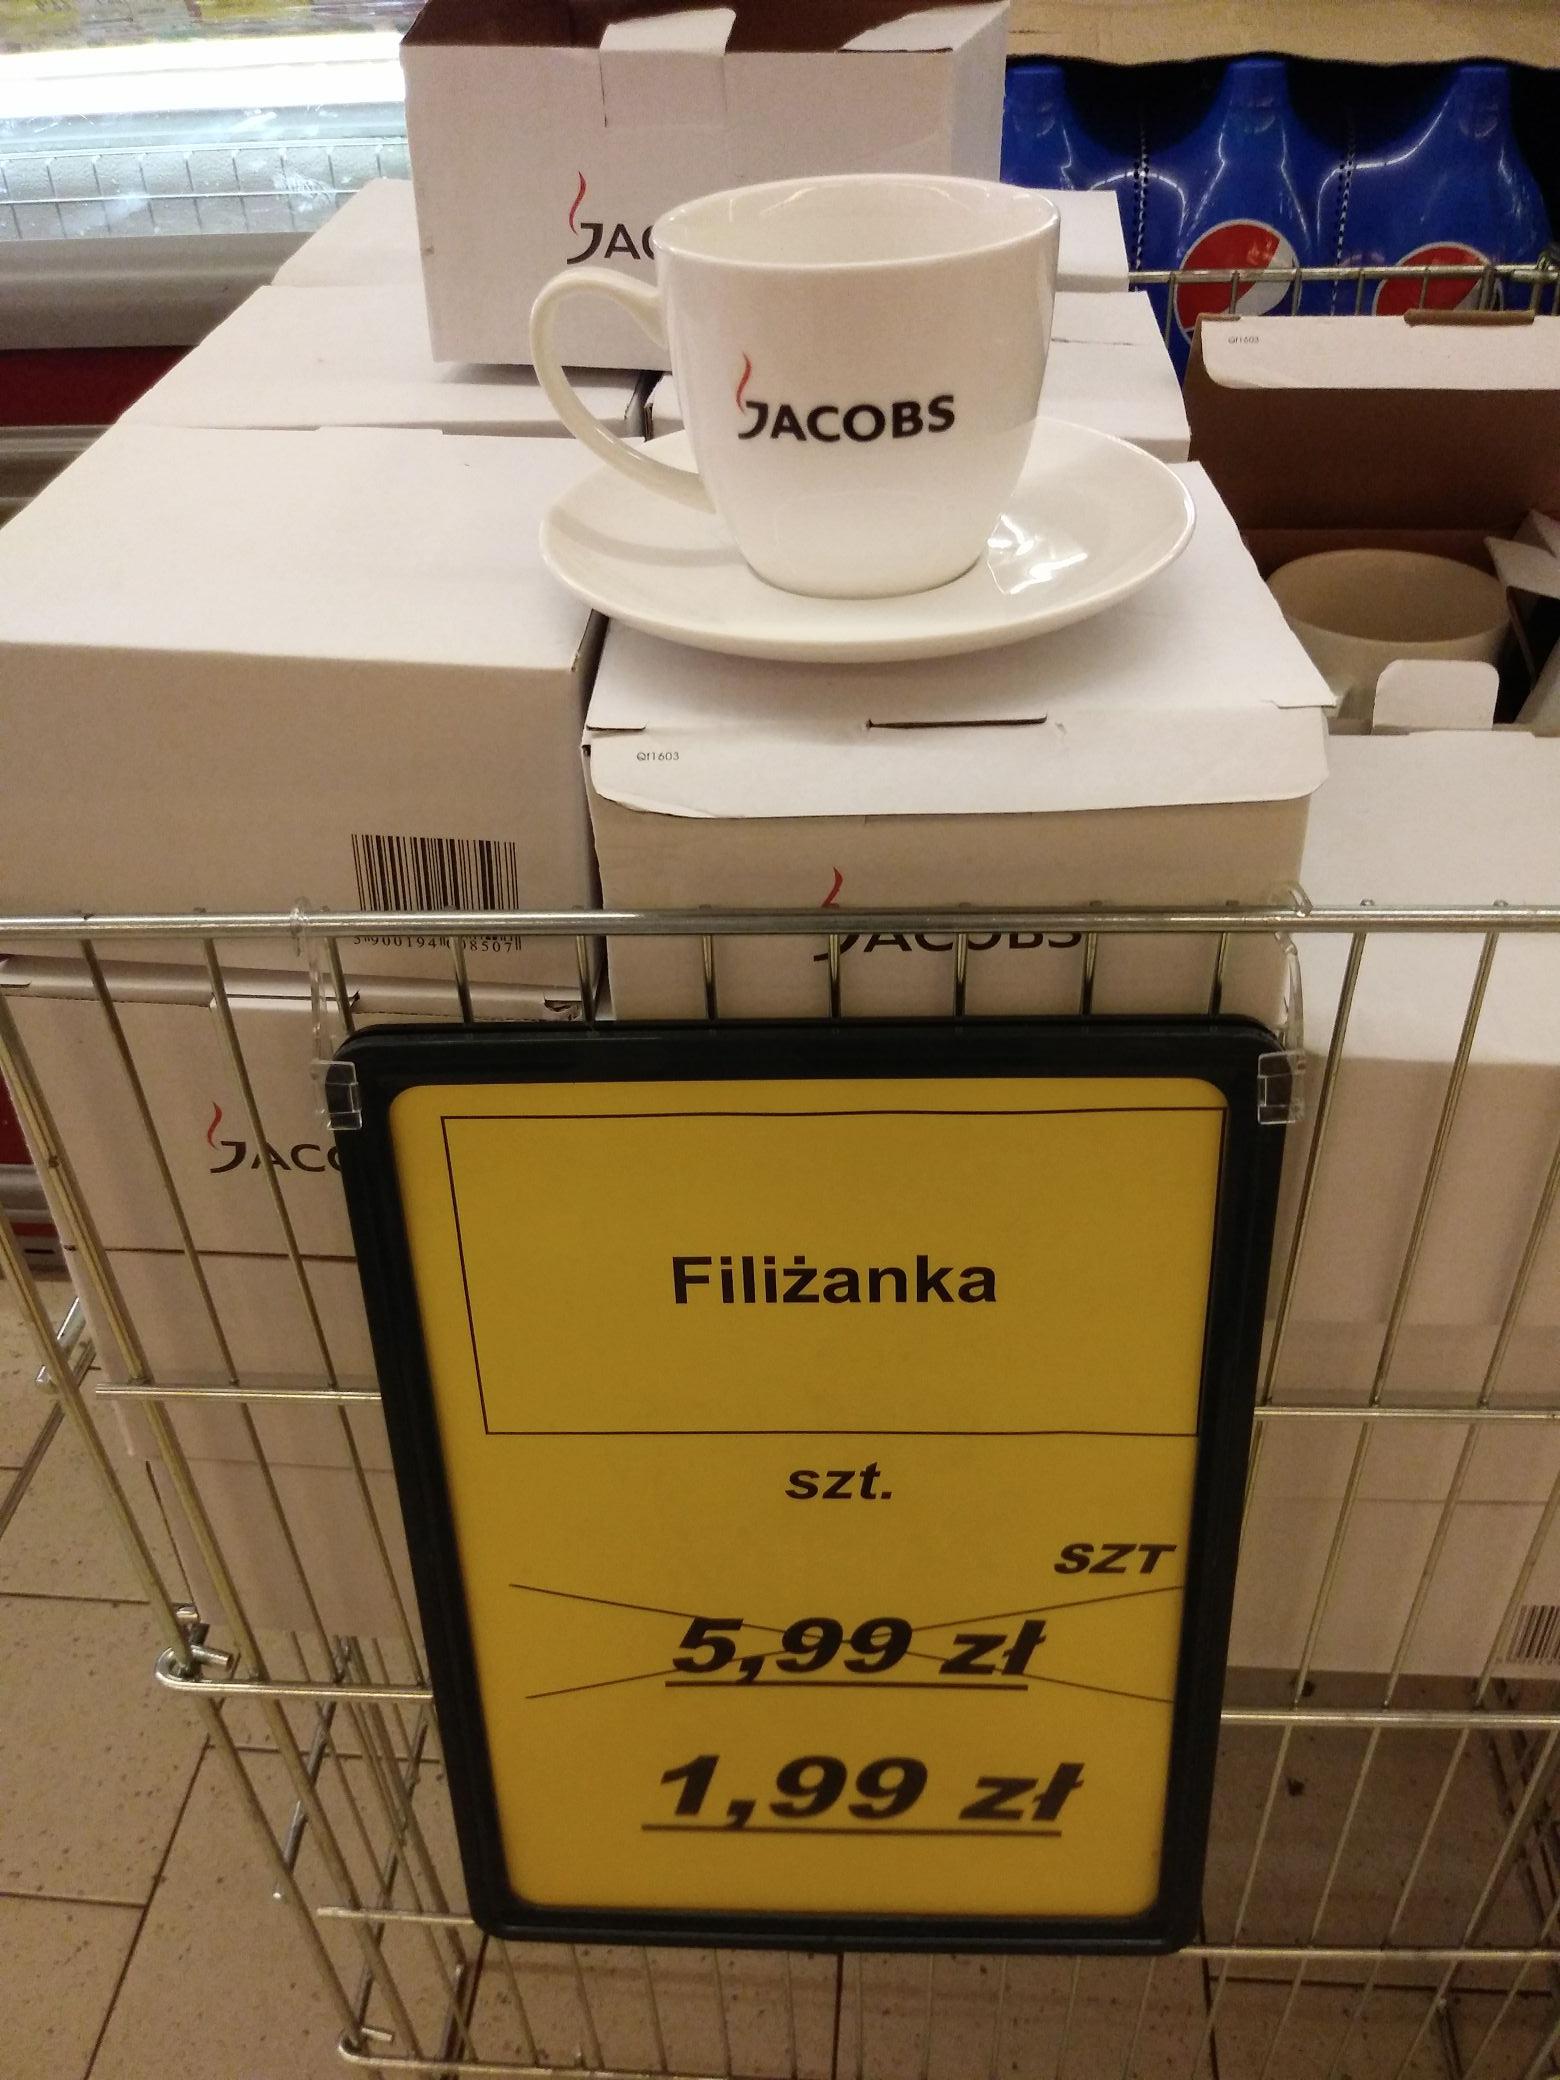 Filiżanki Jacobs - Kalisz Polomarket